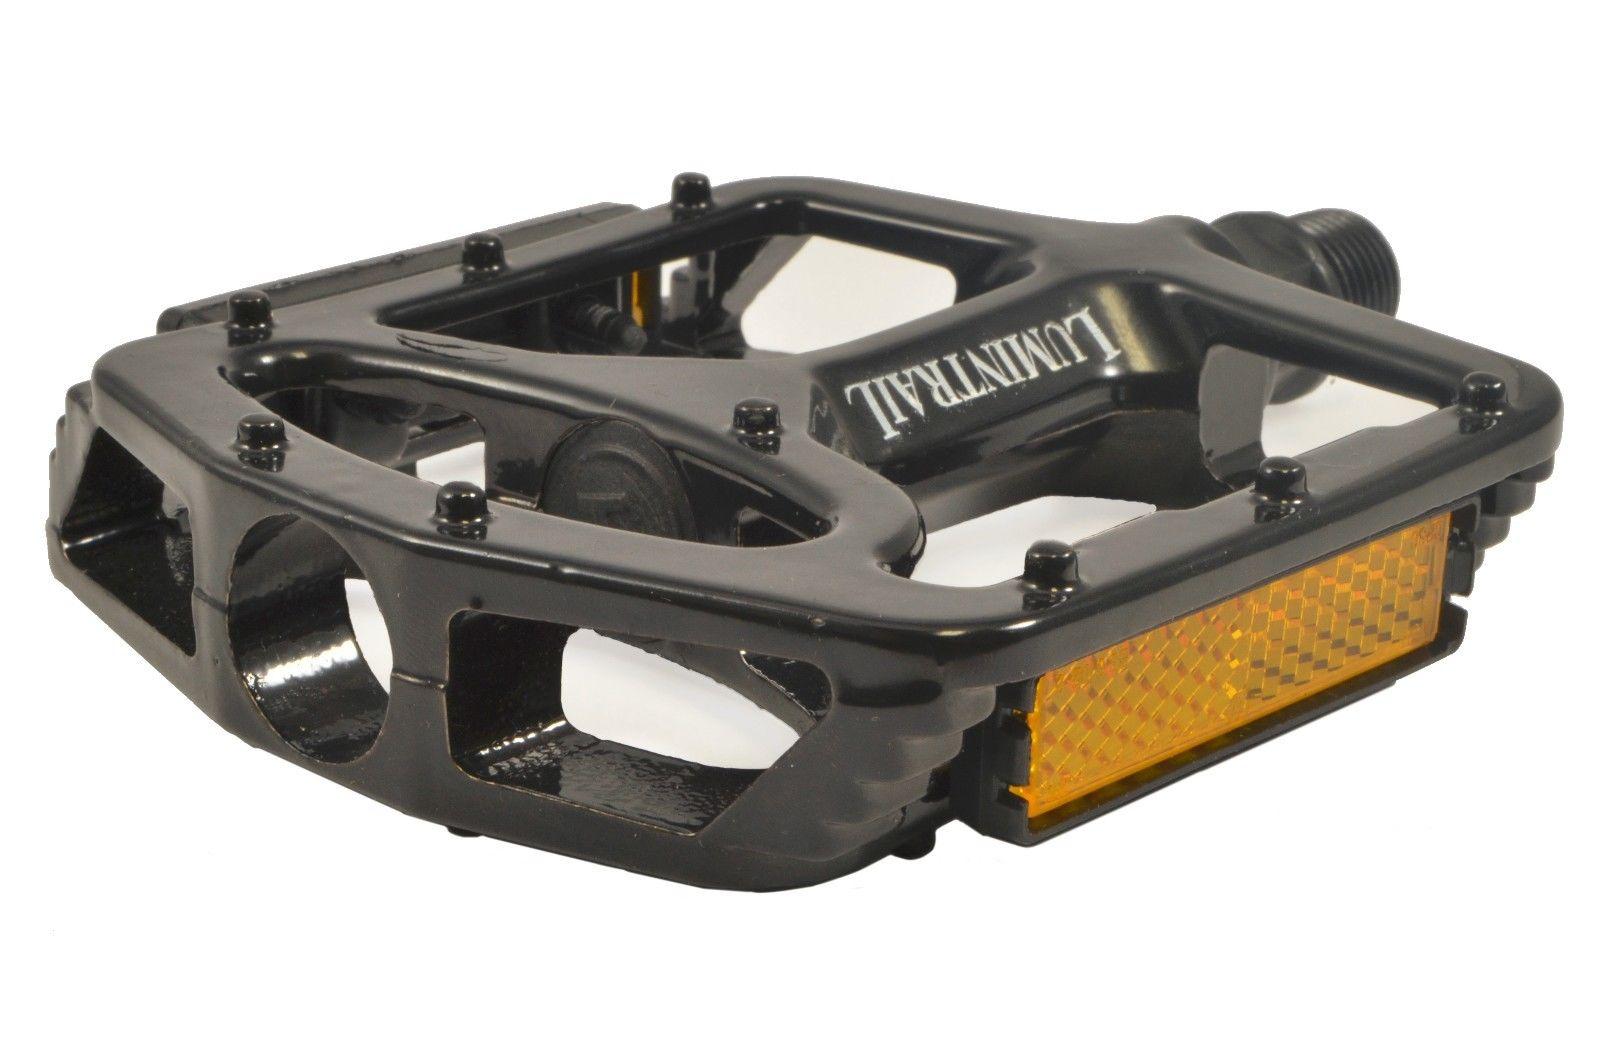 Lumintrail-Big-Foot-Bike-Pedals-Road-MTB-BMX-Aluminum-Alloy-Flat-Platform-9-16-034 thumbnail 7